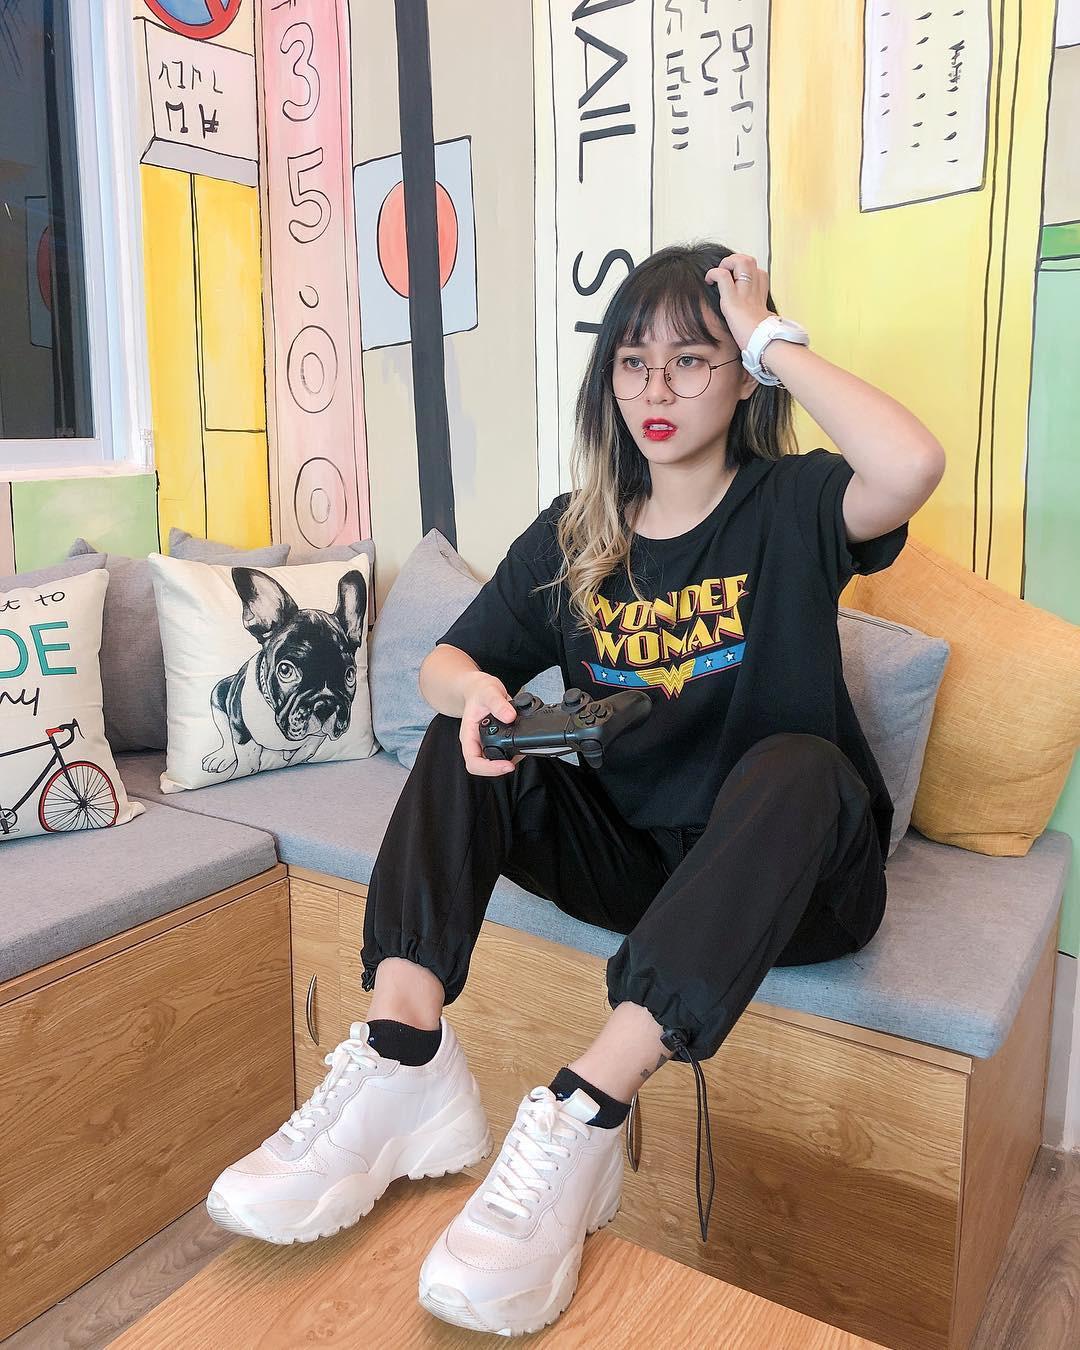 Profile dàn hot girl sẽ cùng streamer Misthy khuấy đảo All Star 2018 - Ảnh 1.